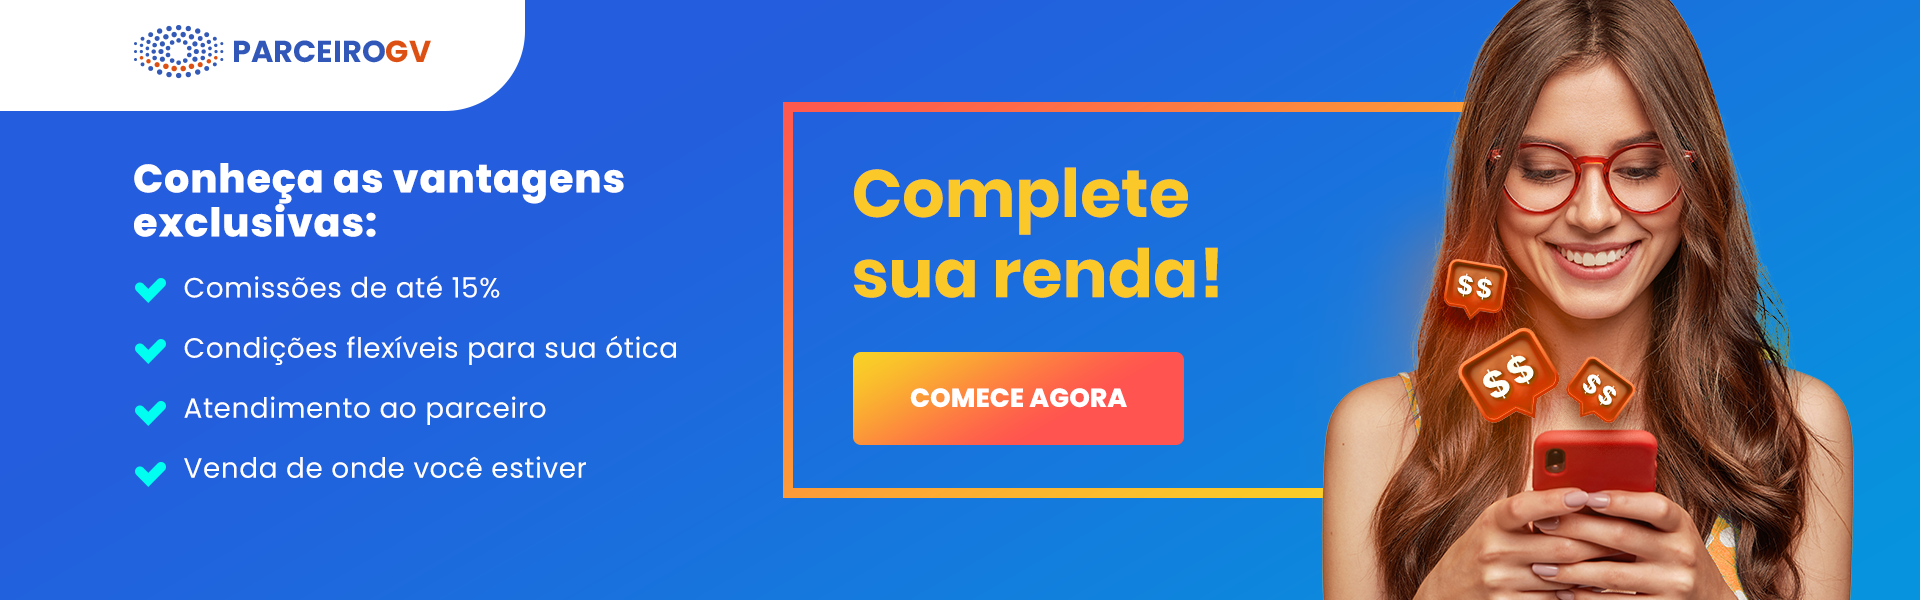 Banner - Parceiro Gv